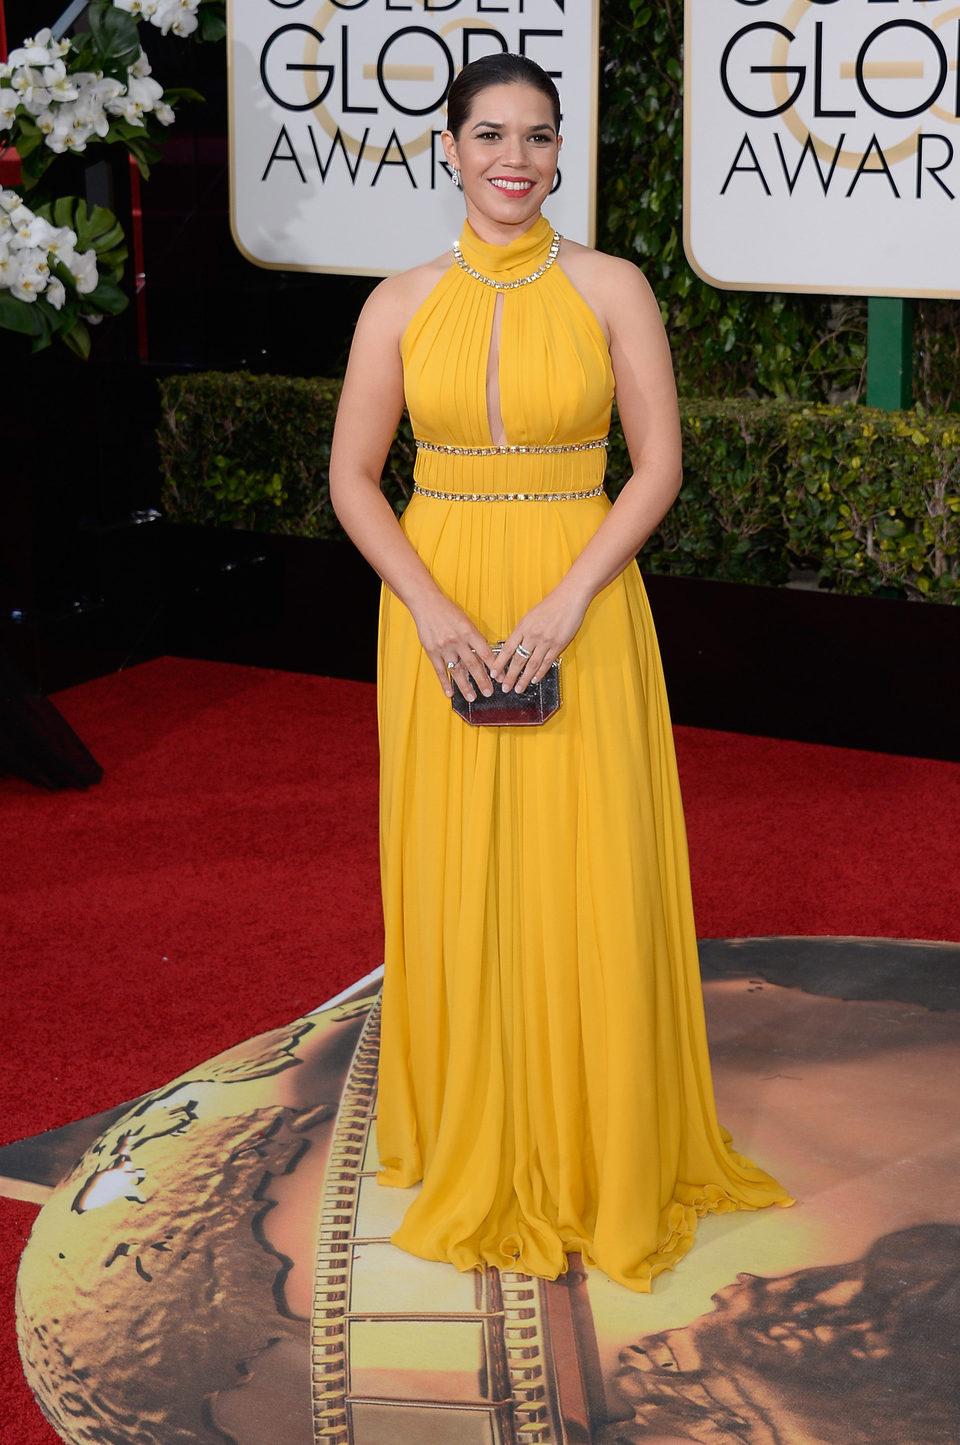 America Ferrera in the 2016 Golden Globes red carpet